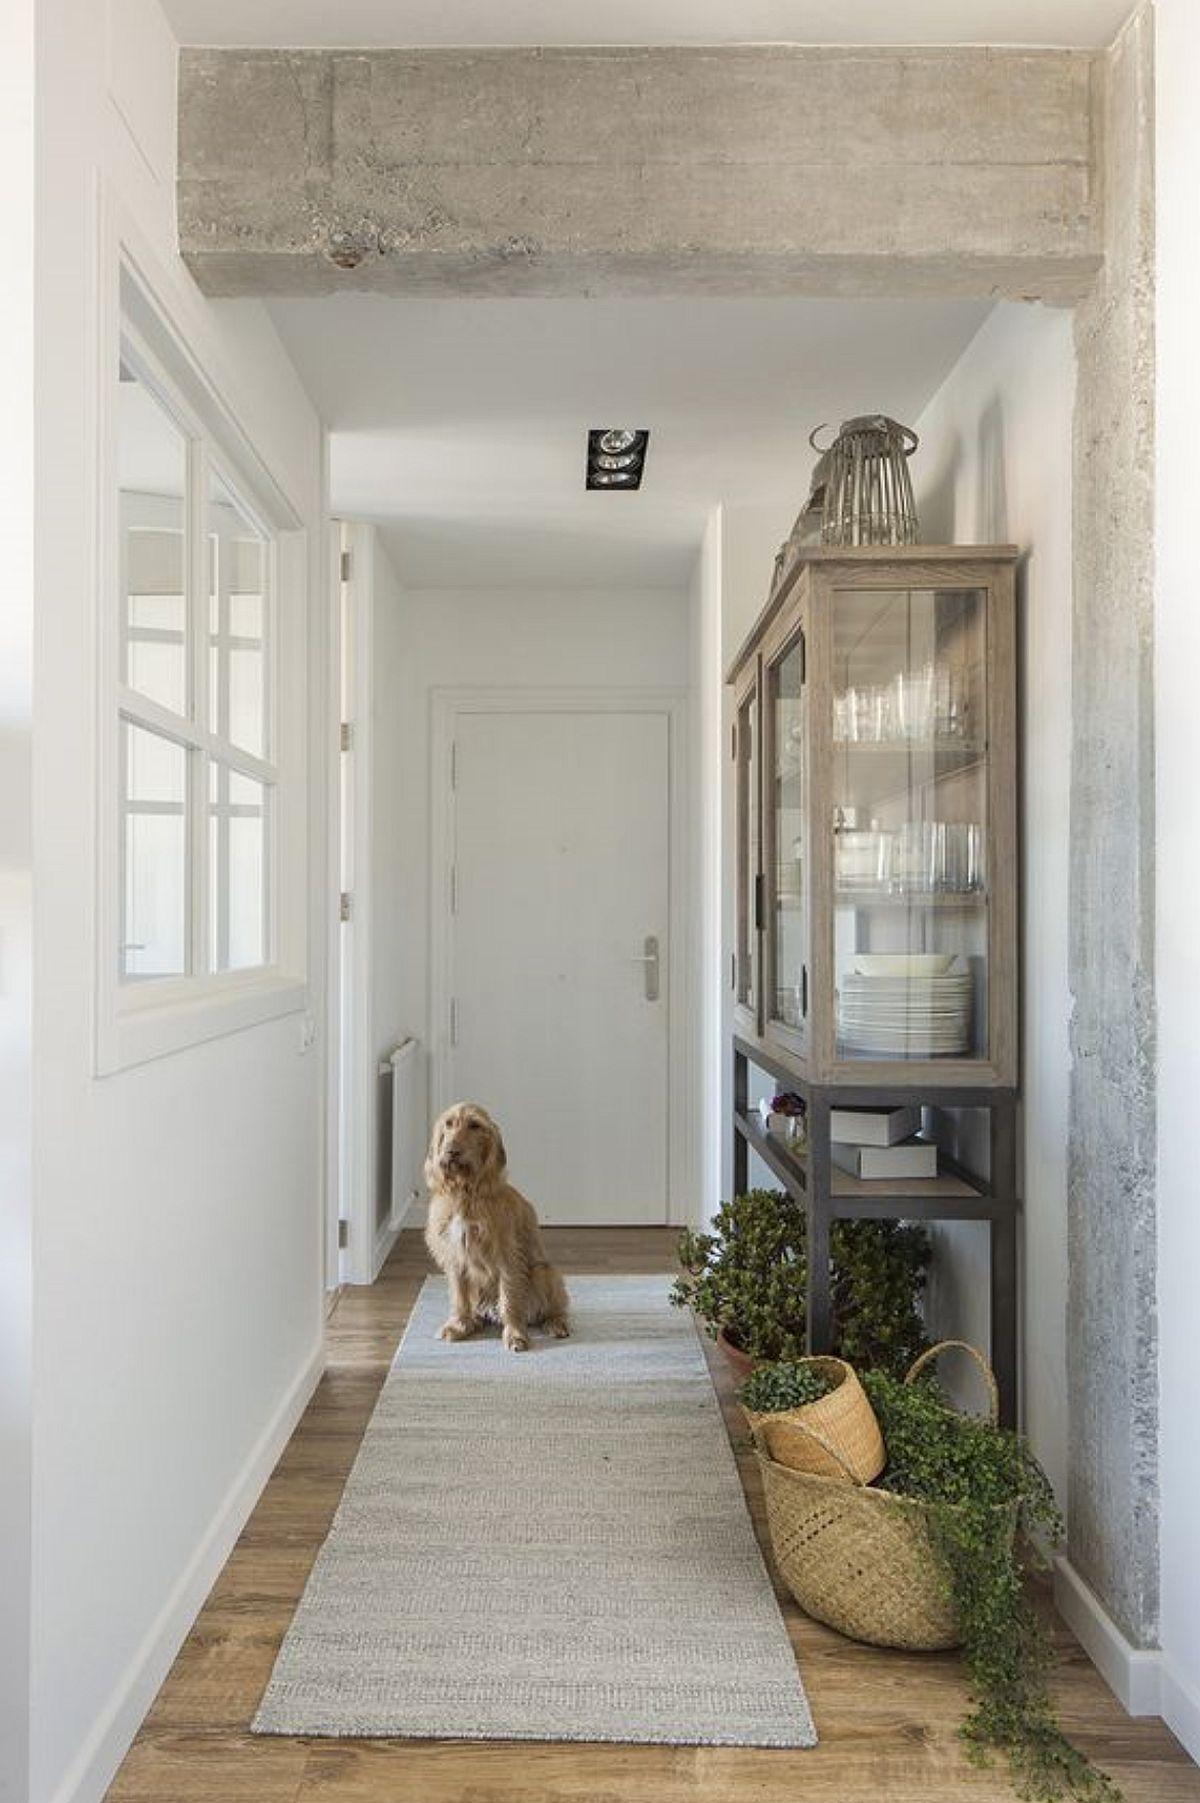 Intrarea în locuință se face pe un hol , care intițial era foarte lung, dinacest spațiu de trecere deschizându-se toate camerele. Pentru ca bucătăria să fie și mai luminoasă, peretele dinspre hol a fost decupat cu o fereastră falsă, iar ușa interioară a fost comandată cu sticlă. Un truc decorativ aplicat de către designer a fost decopertarea grinzilor și finisarea lor cu lac mat pentru a aduce un plus de textură și a sublinia lățimea holului lung și îngust.